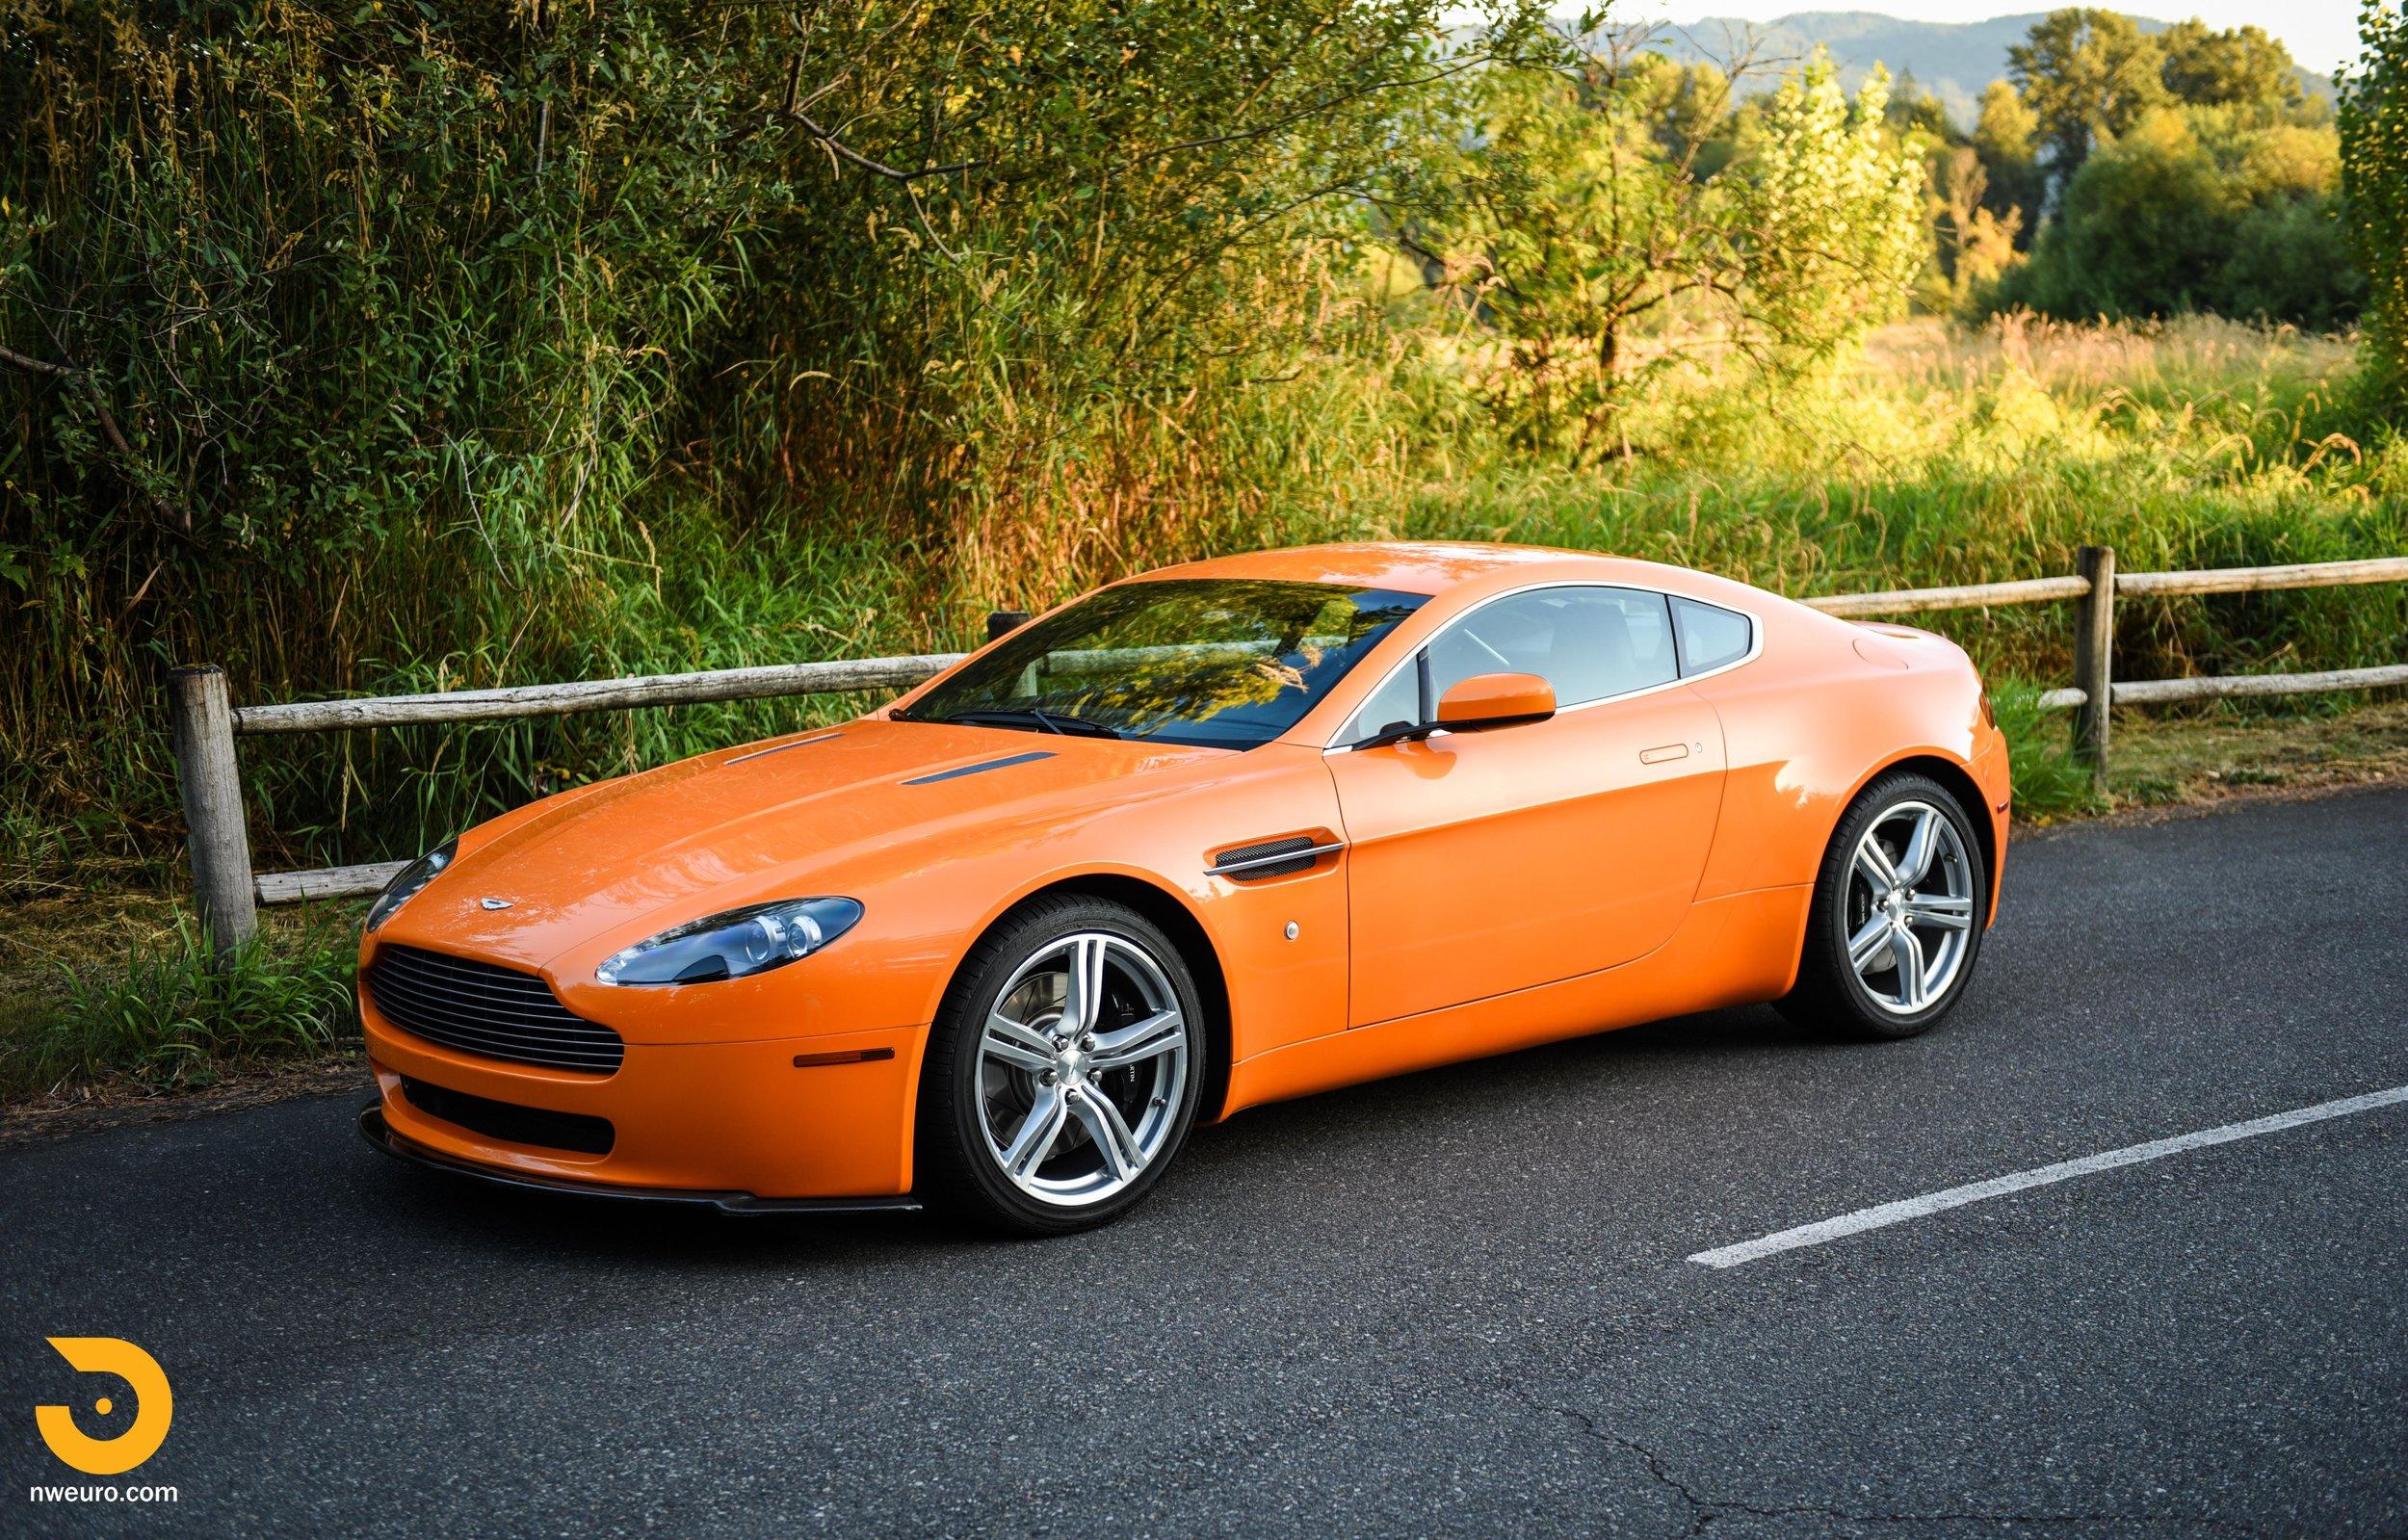 2009 Aston Martin V8 Vantage-41.jpg